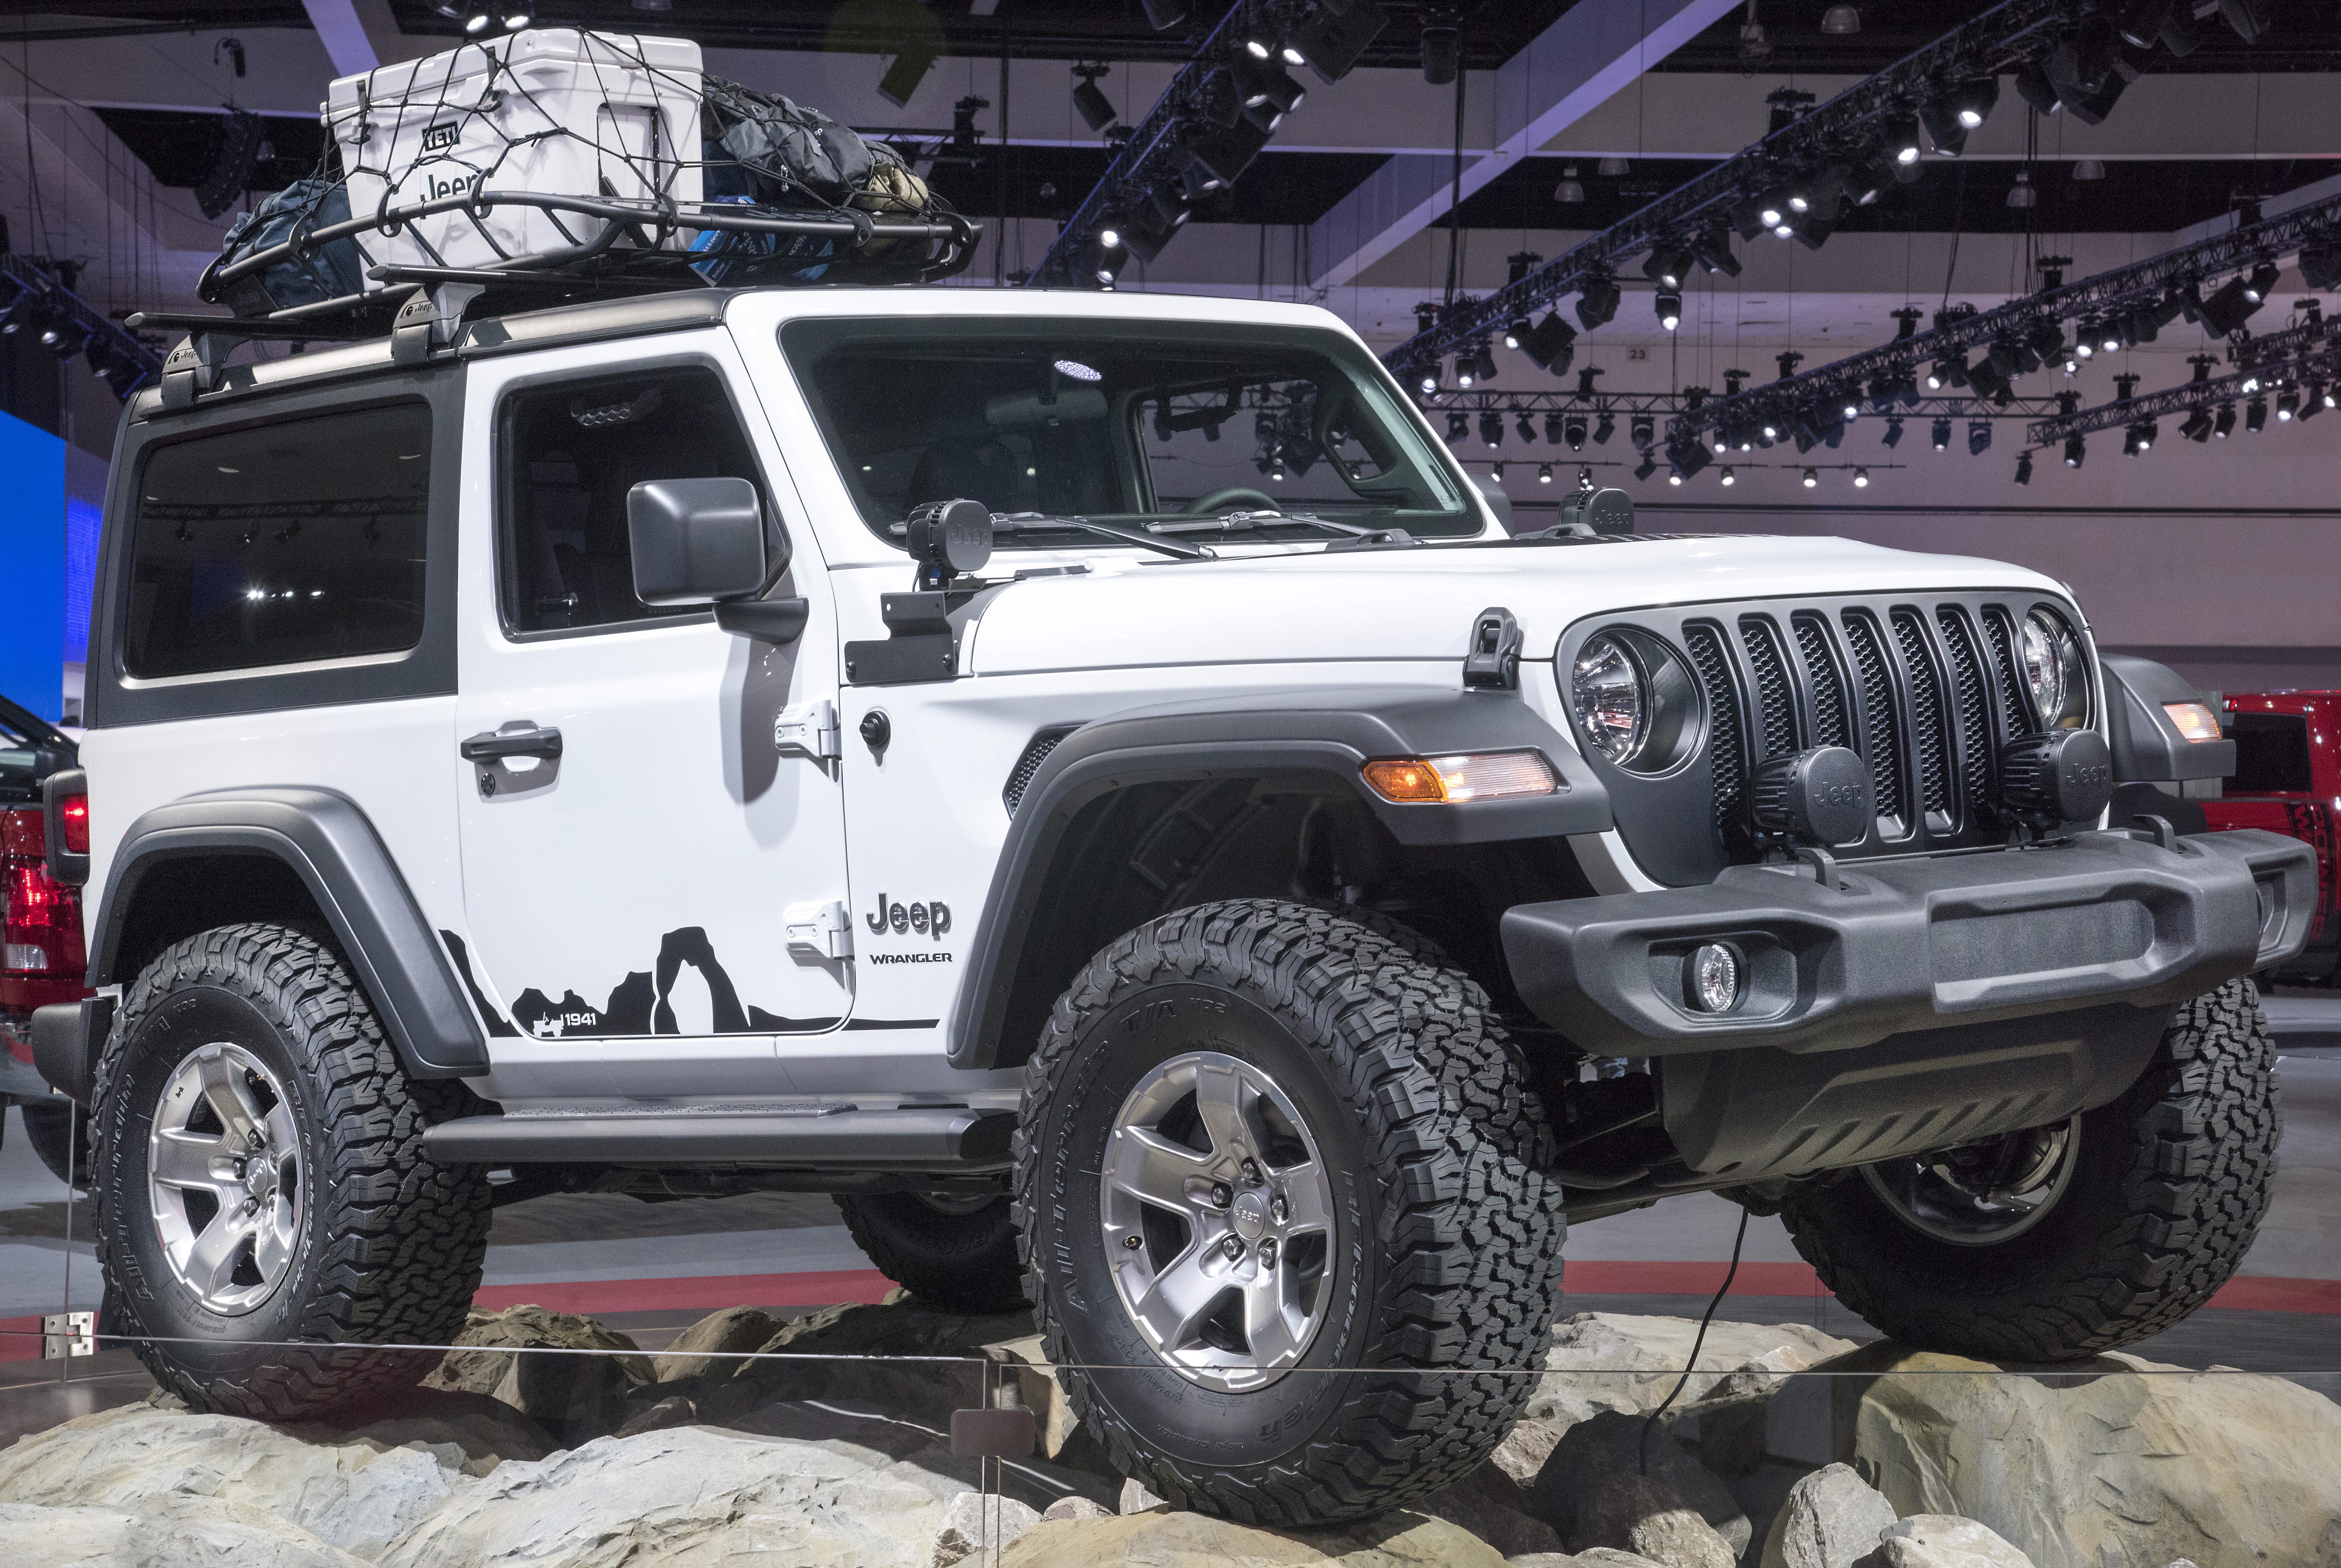 Jeep Jk Tires >> Mopar equipped 2018 Wrangler JL Sport showcased in LA – kevinspocket